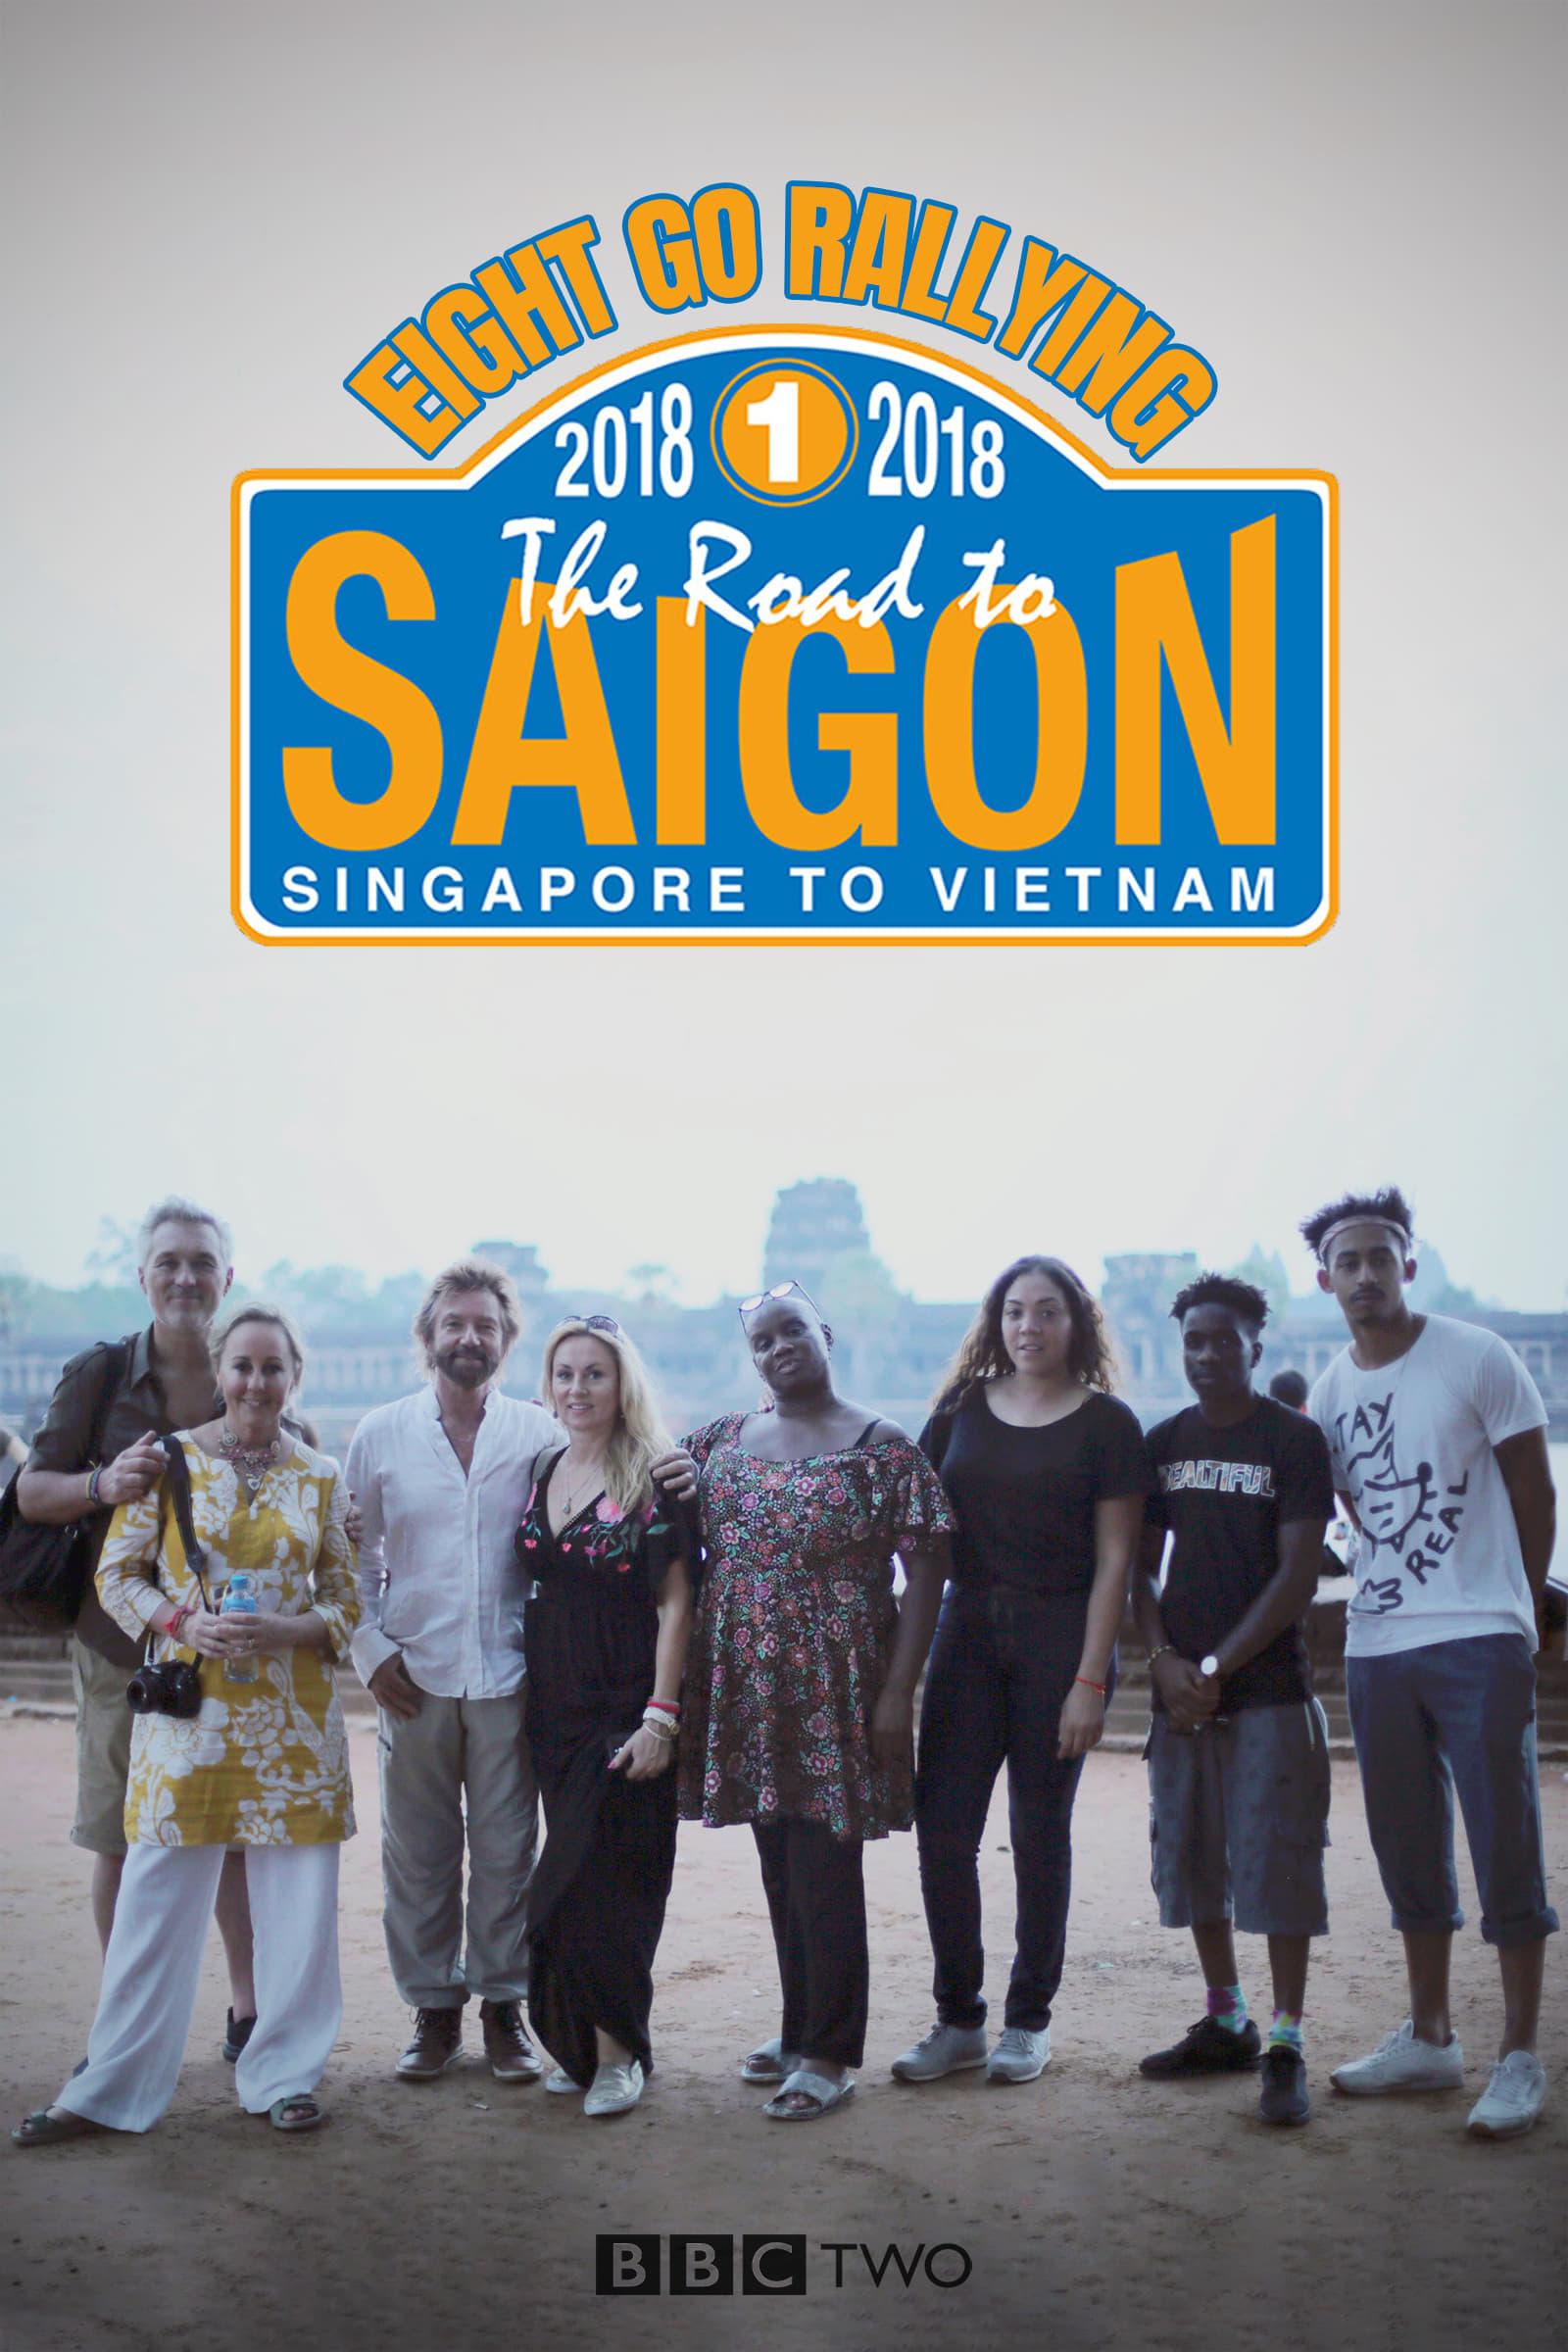 Eight Go Rallying: The Road to Saigon (2018)